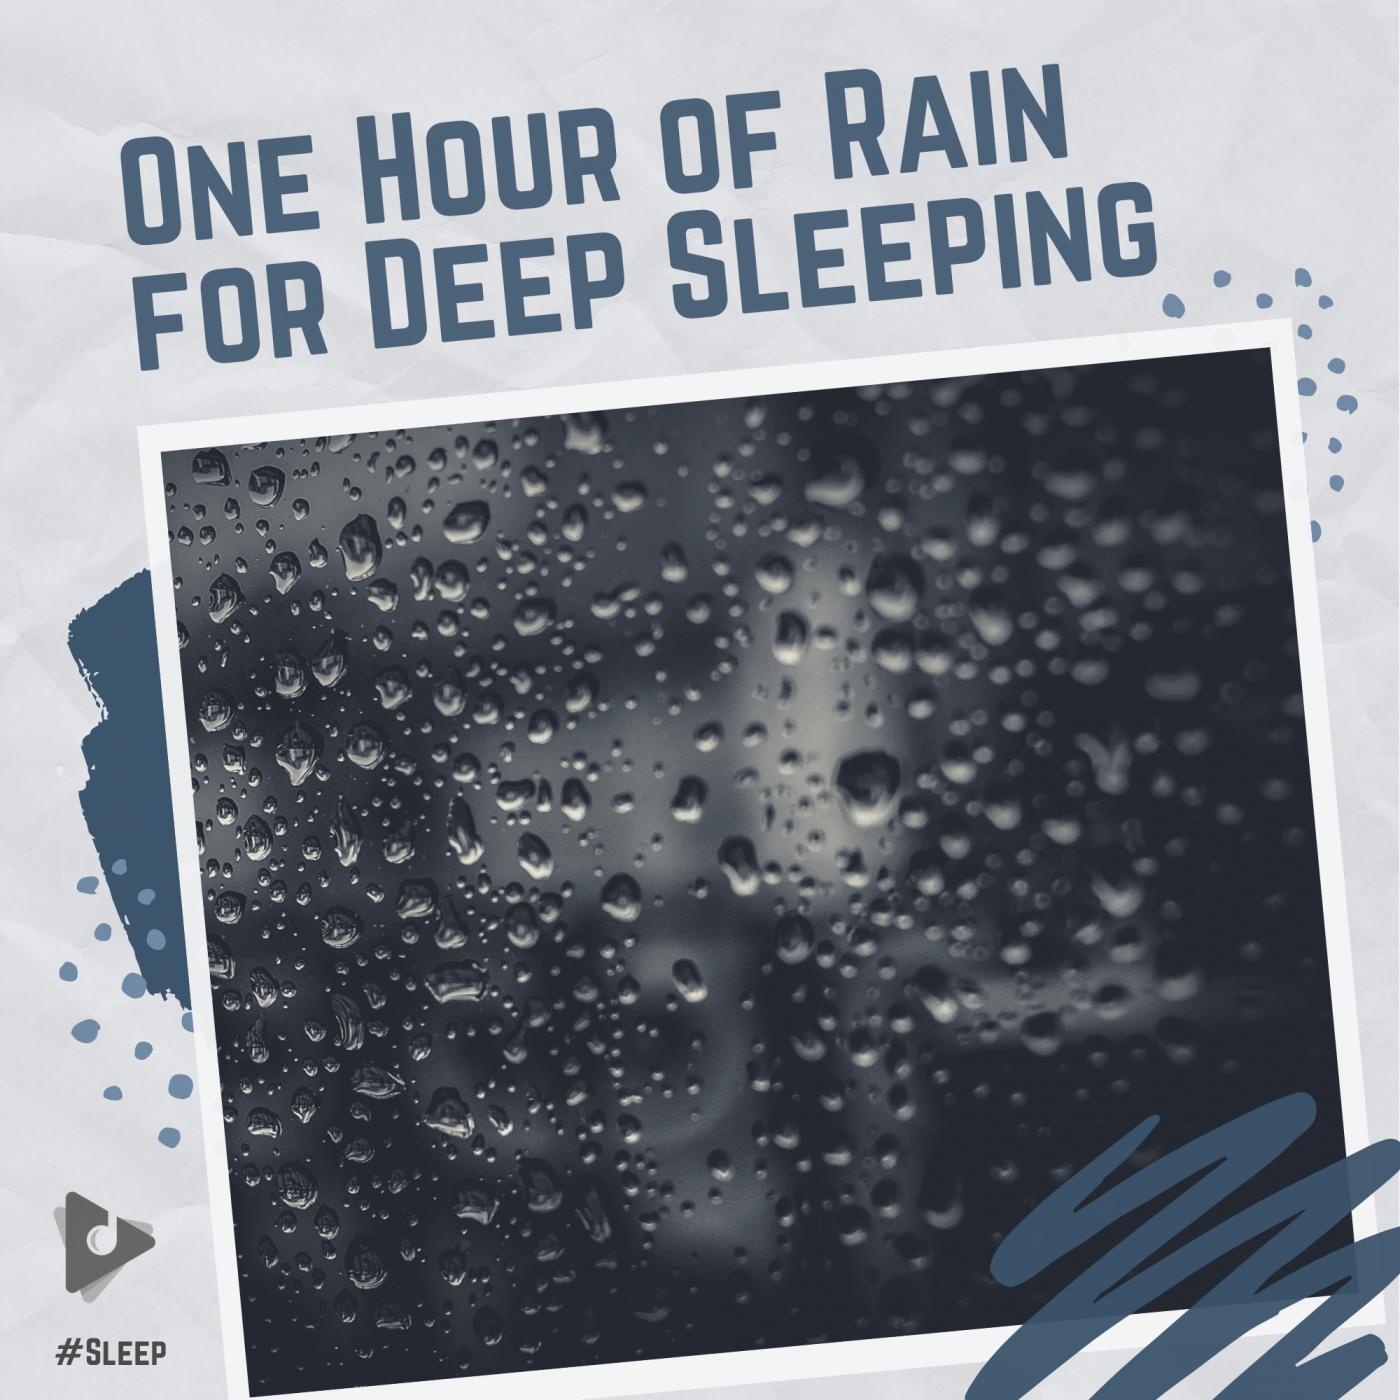 One Hour of Rain for Deep Sleeping